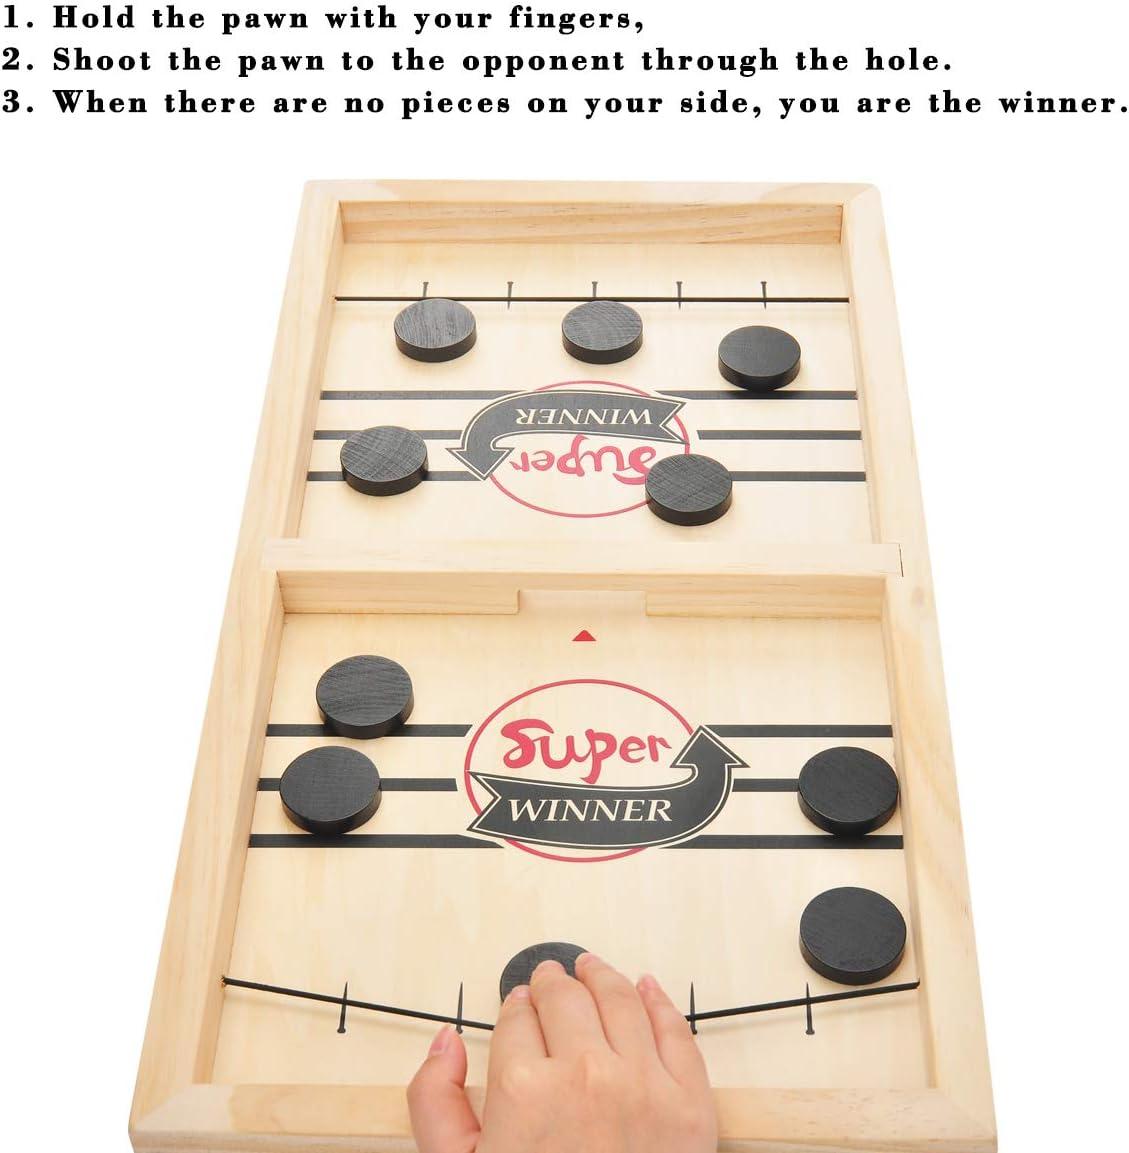 MOMSIV Schnelles Fast Sling Puck-Spiel, Lustiges hölzernes Sling Puck-Gewinner-Brettspiel Brettspiel Tisch Eltern-Kind Interaktives Spielzeug-Partyspiel für Erwachsene Kind